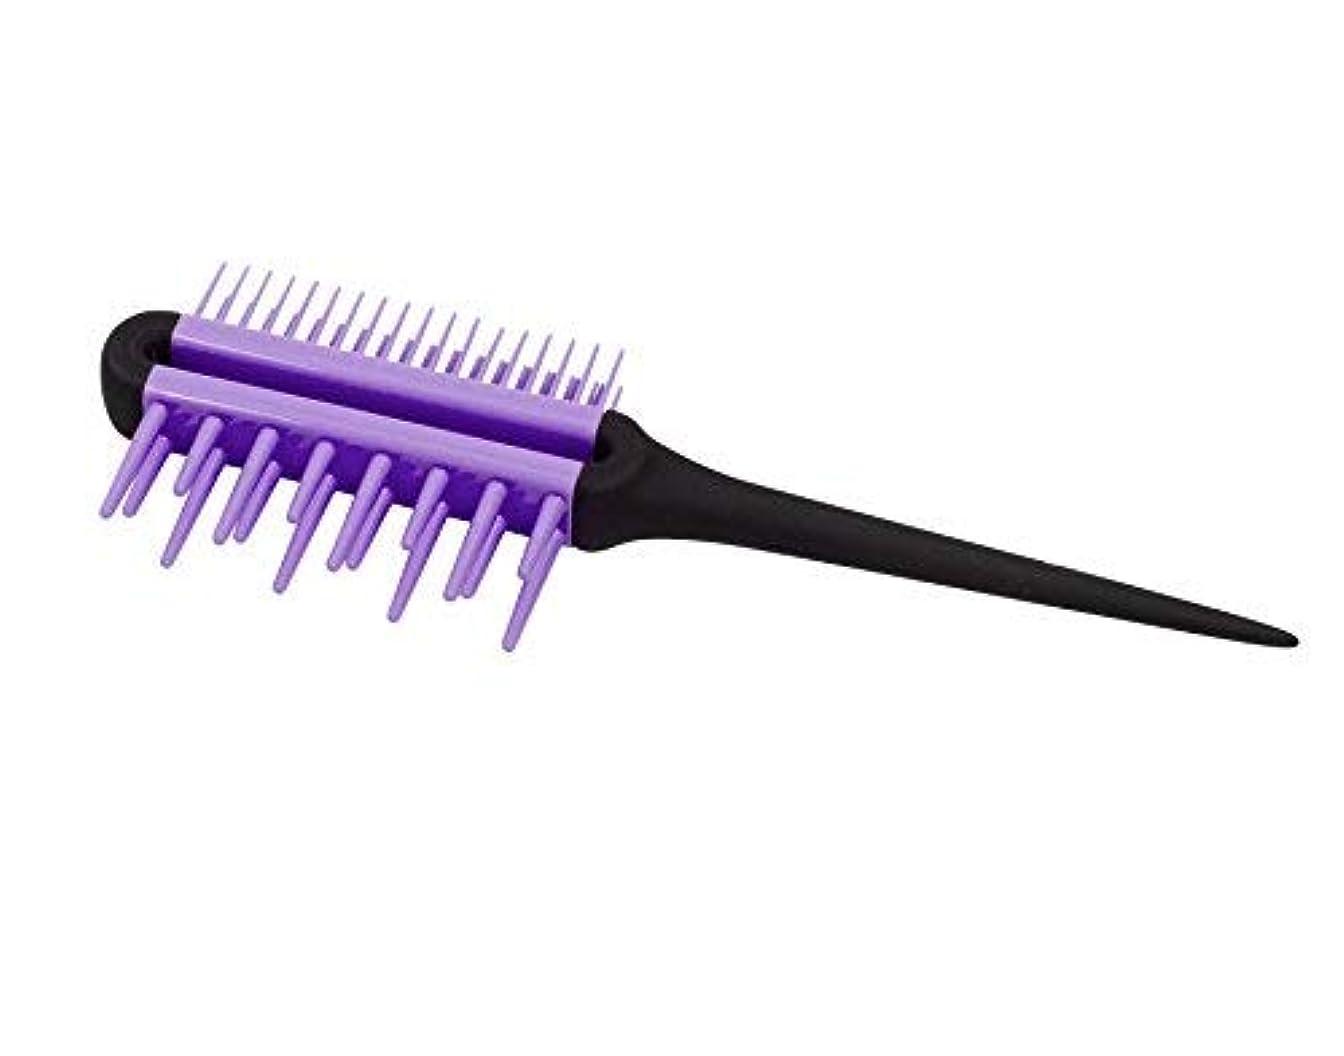 不足トランクライブラリ驚くべきSwissco Pro All-In-One Comb, Purple, 2-pack [並行輸入品]